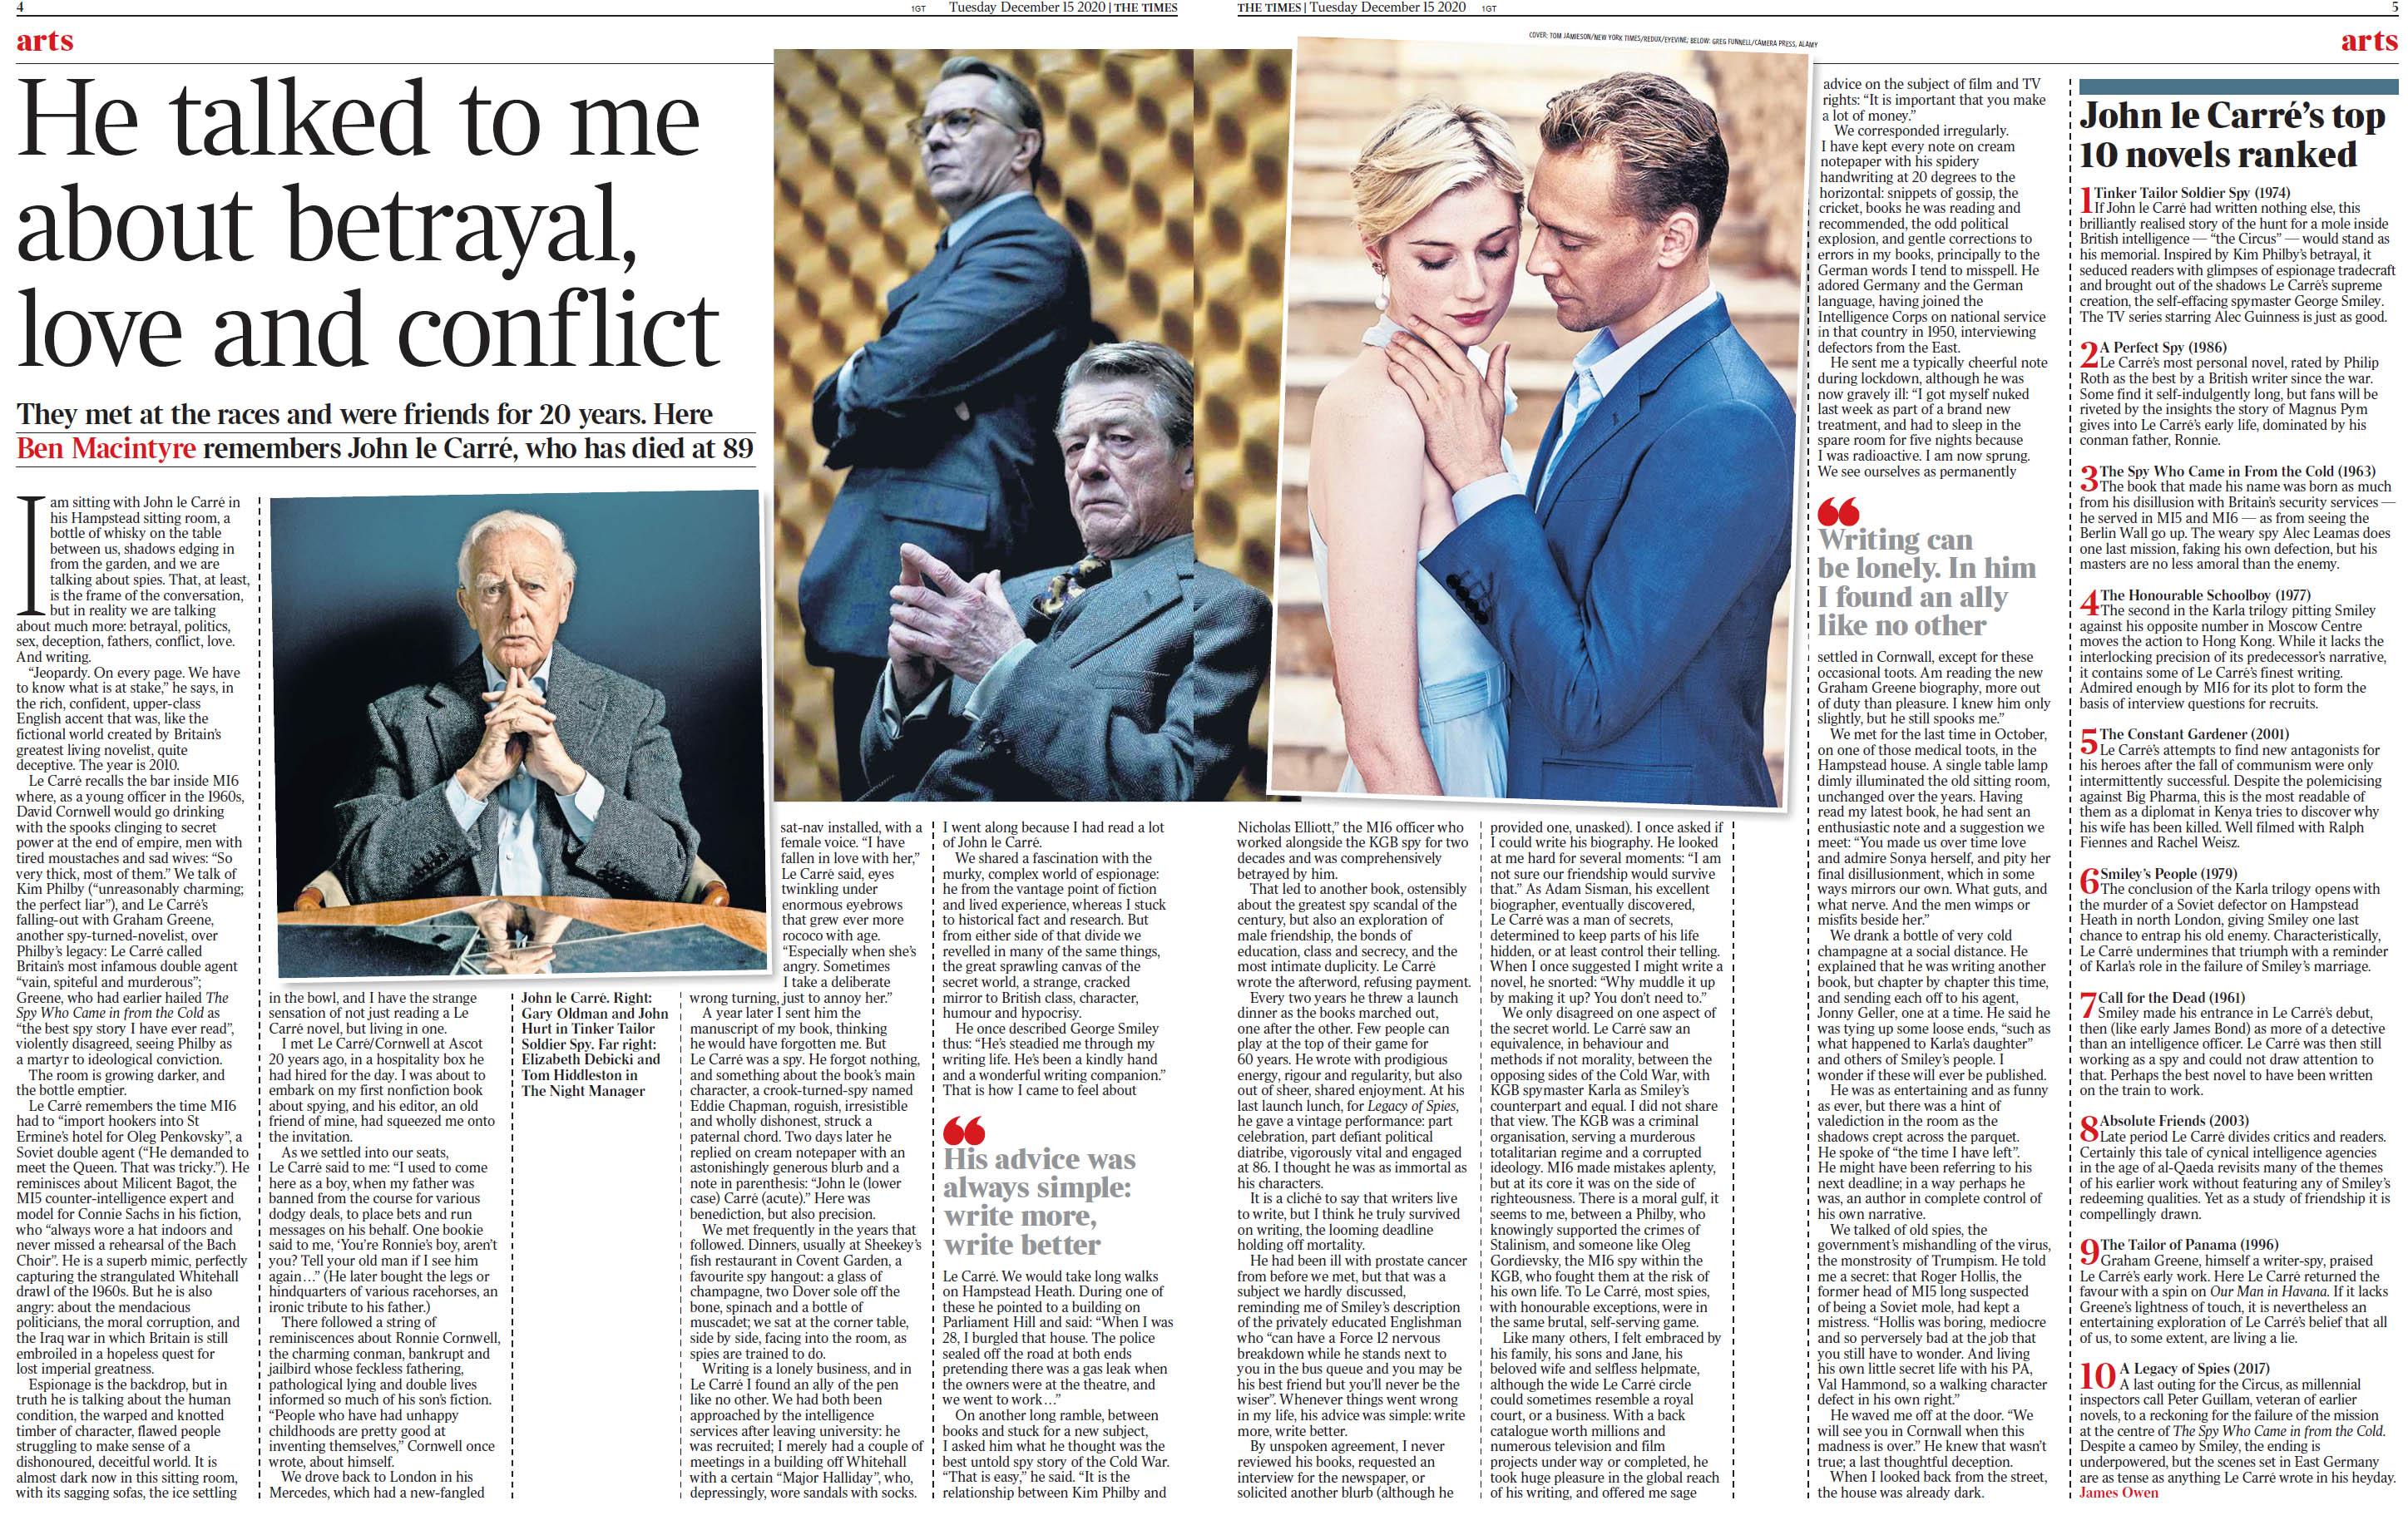 Times 201215 JLCarre3.jpg